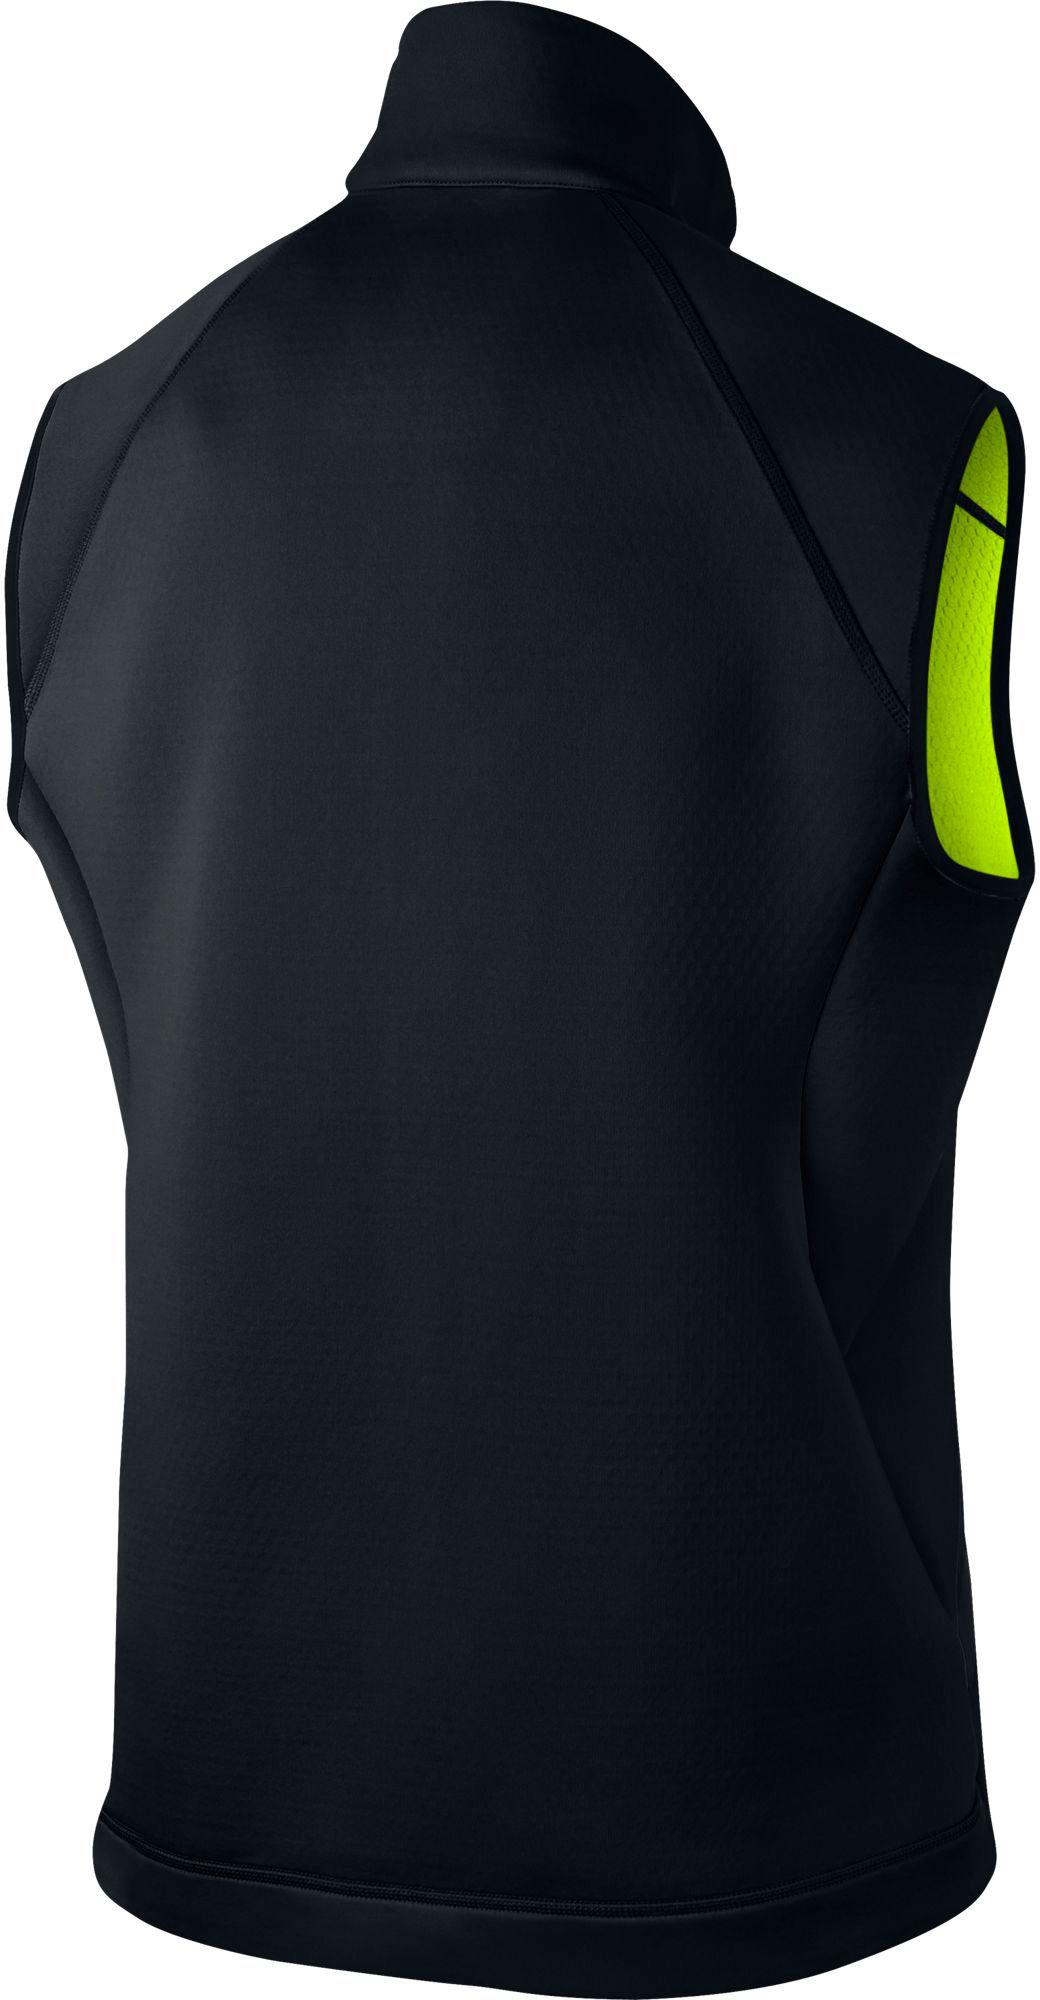 8461425cf208 Nike - Black Therma Sphere Max Vest for Men - Lyst. View fullscreen